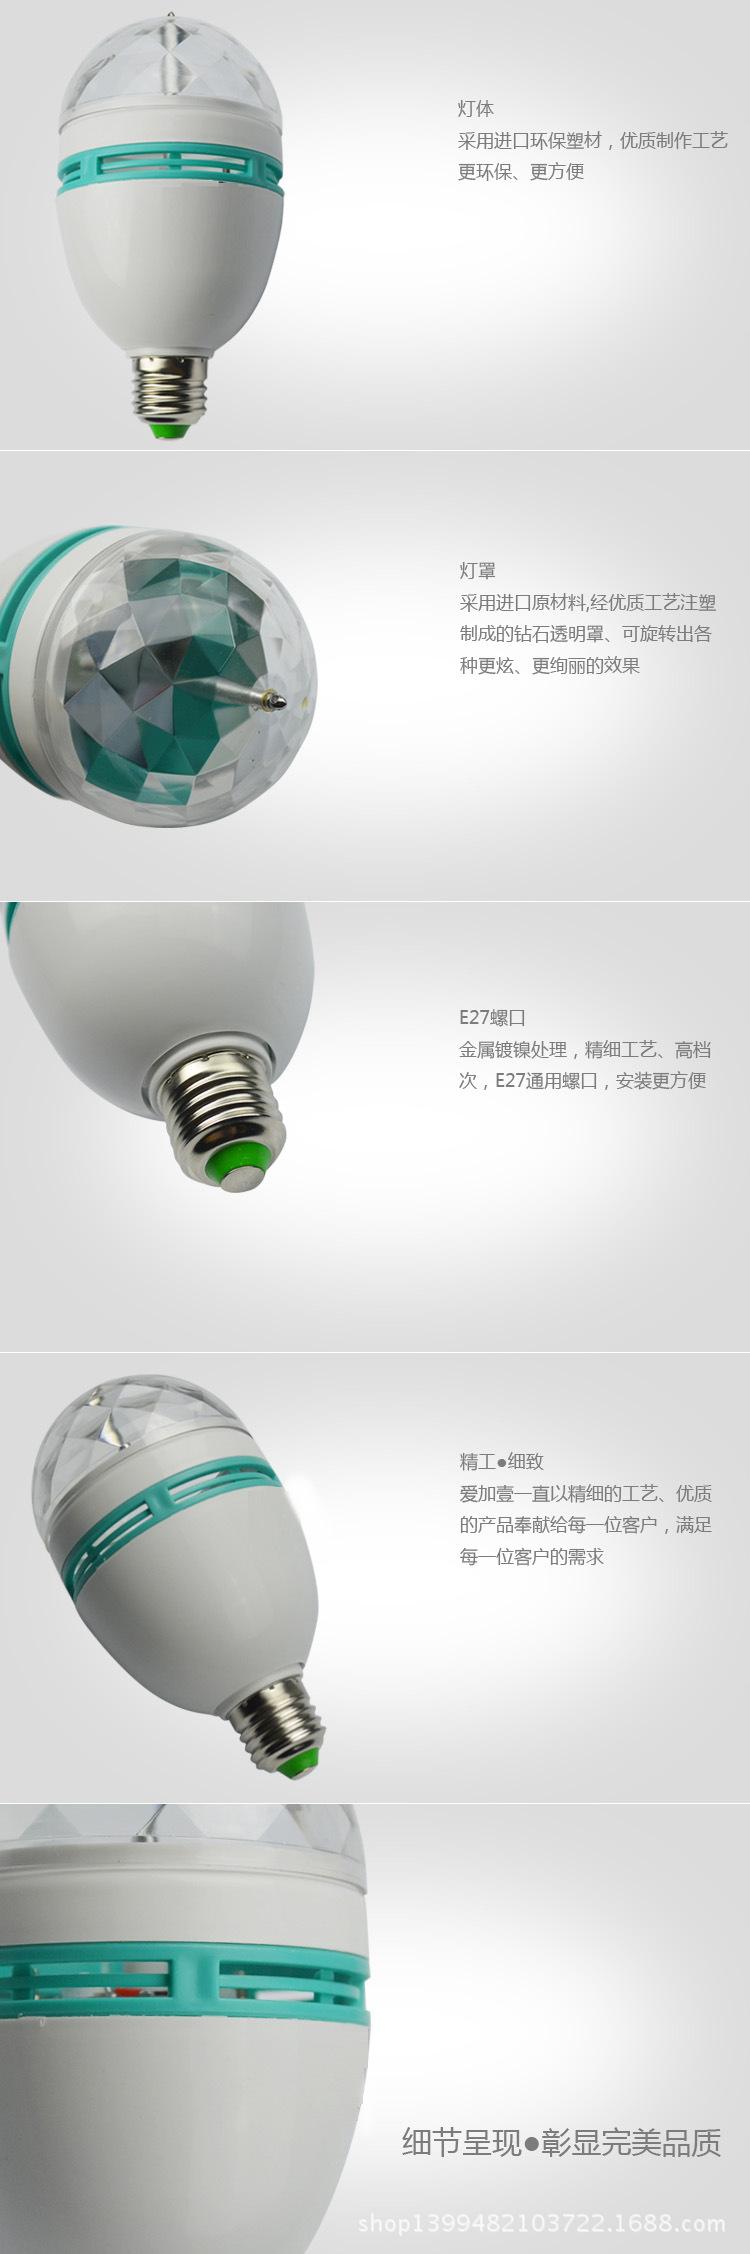 七彩小魔球 激光灯LED 红蓝绿